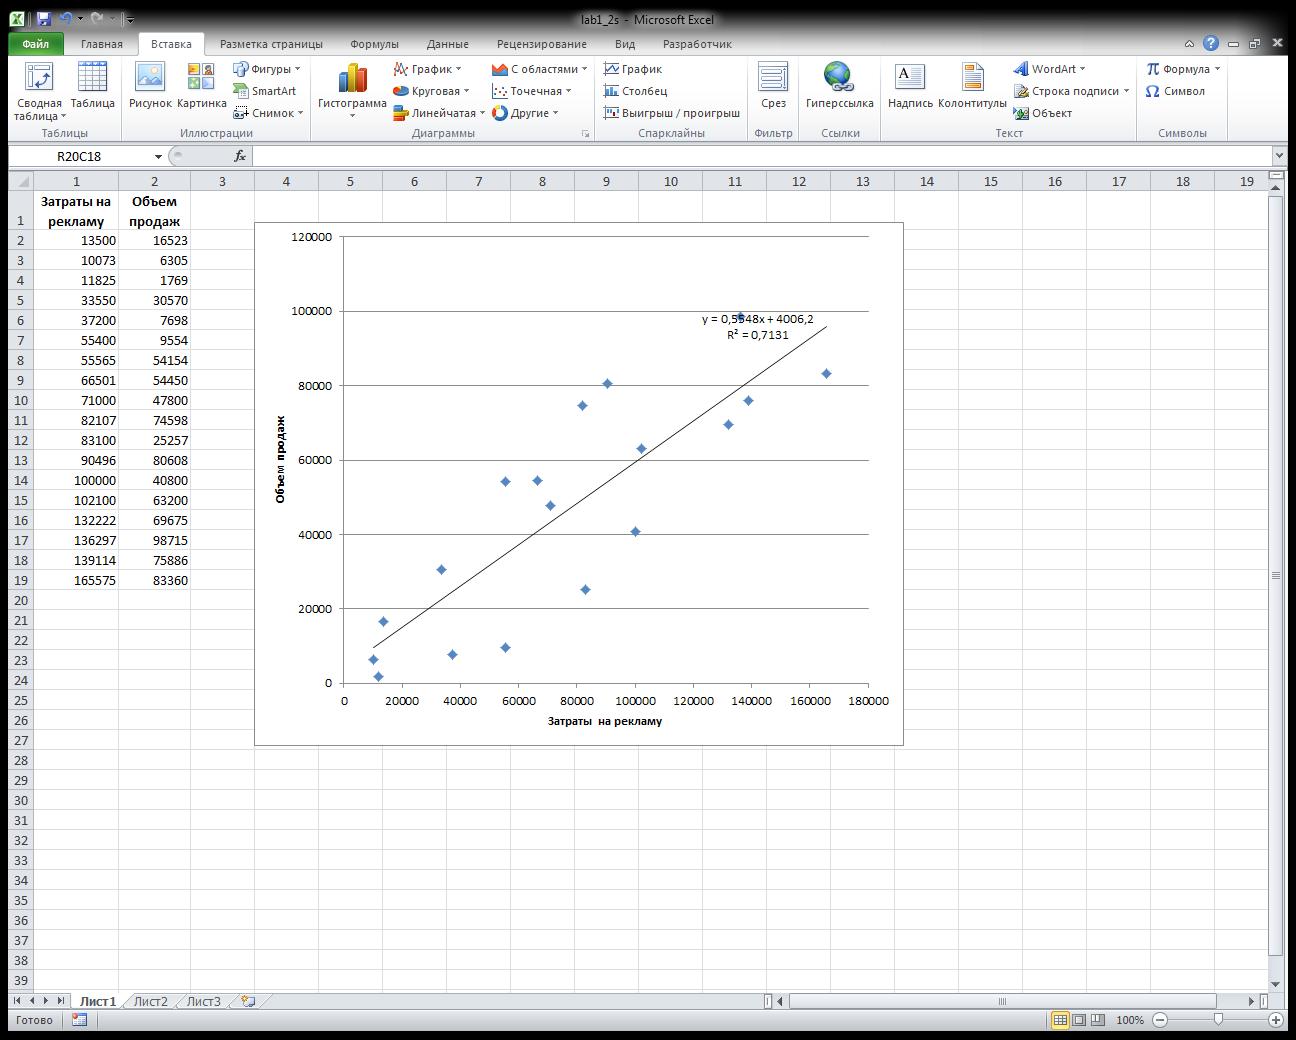 Лабораторные работы статистические модели модели онлайн олонец